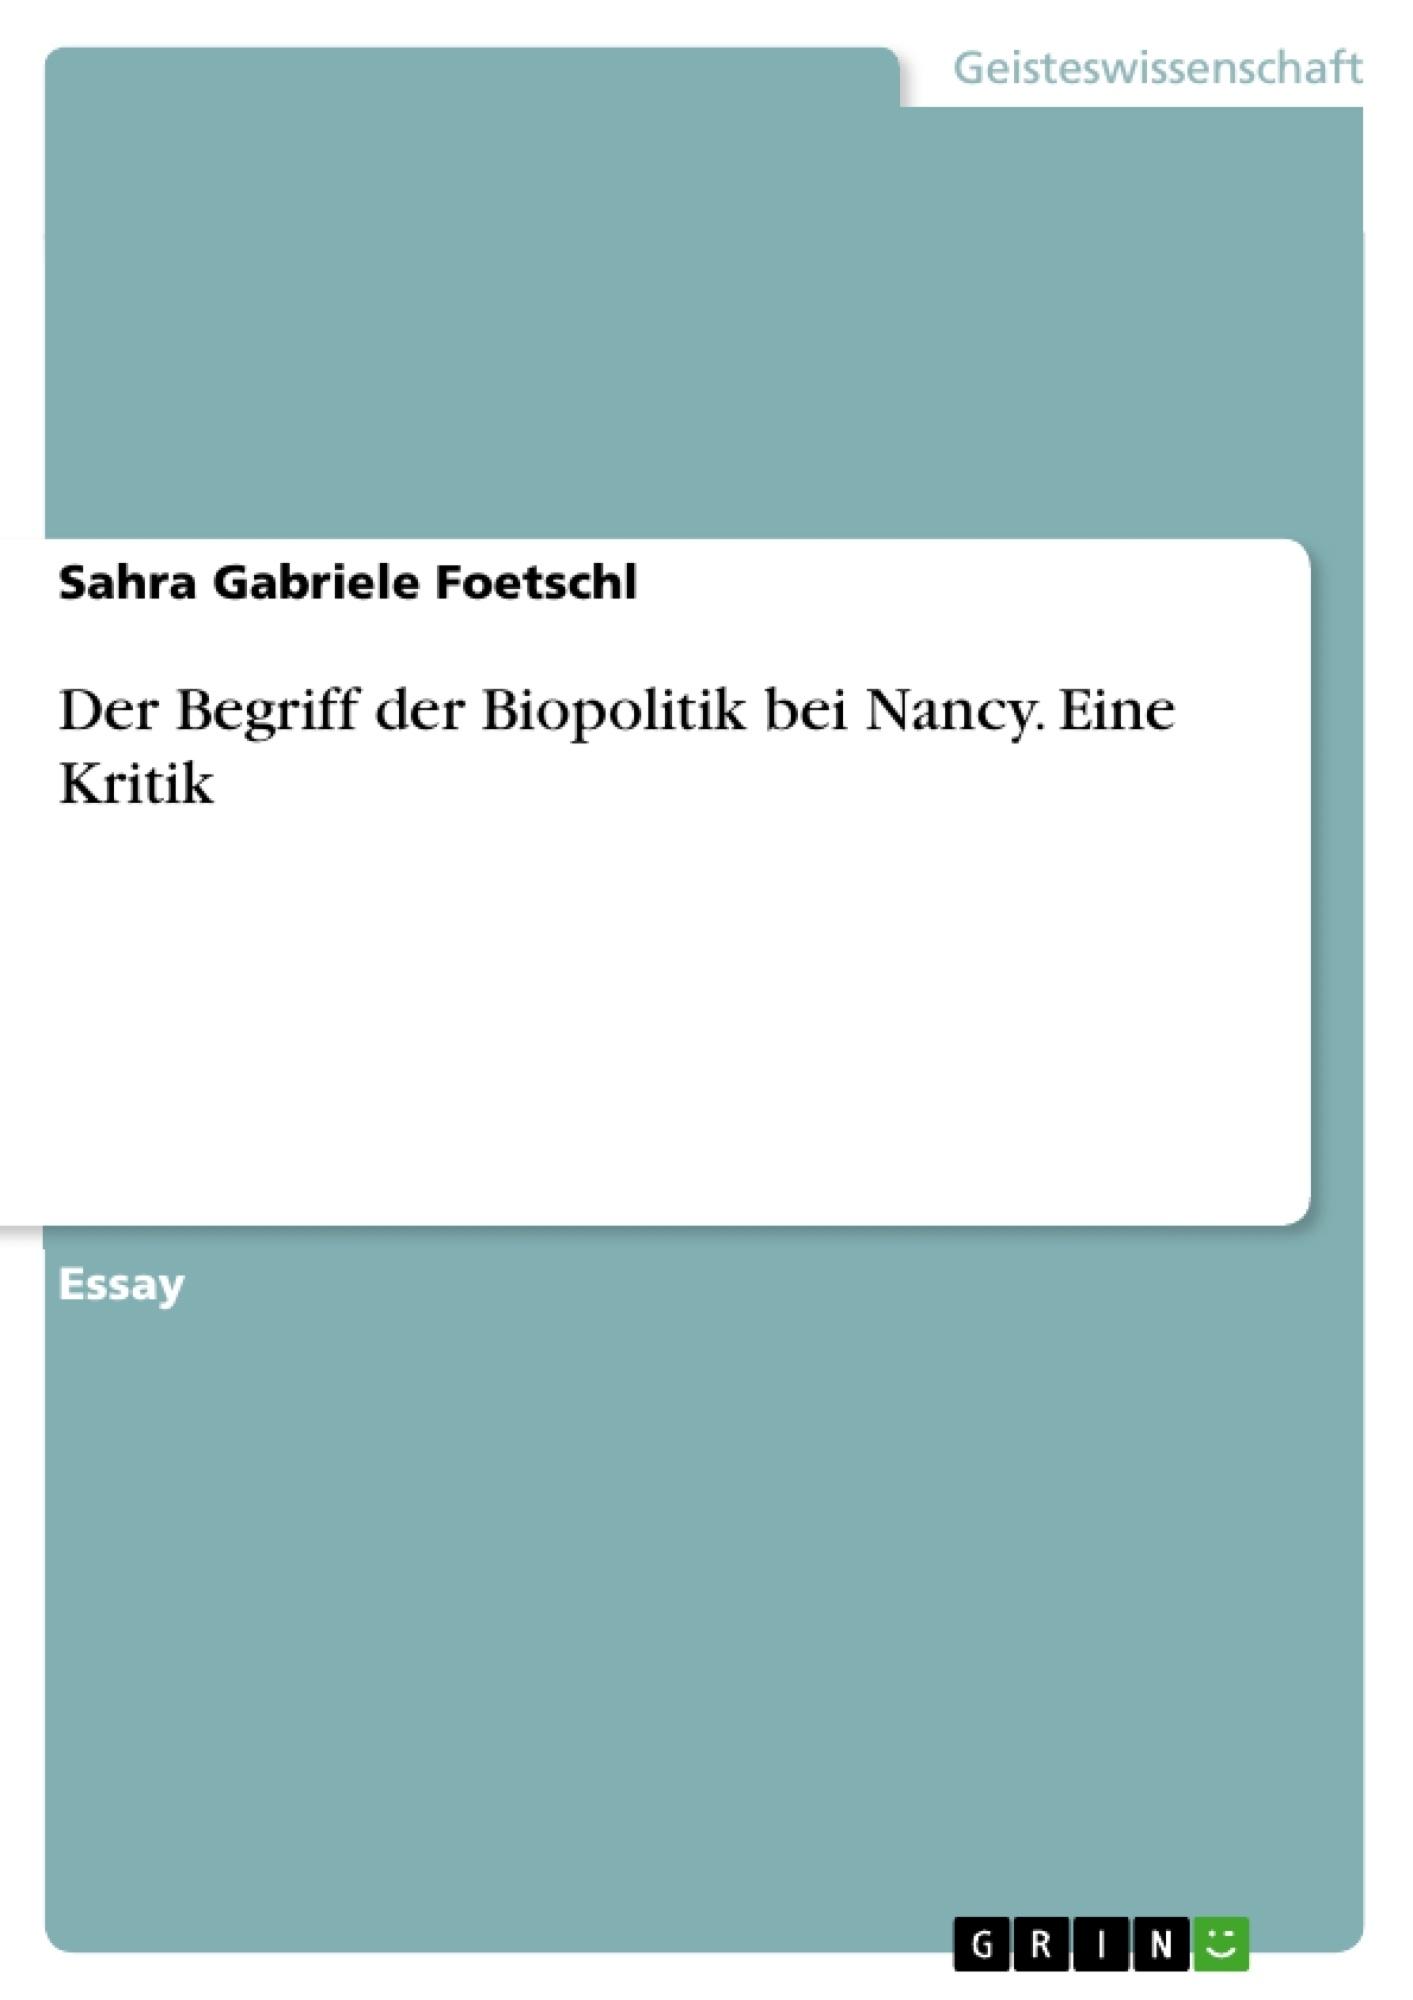 Titel: Der Begriff der Biopolitik bei Nancy. Eine Kritik